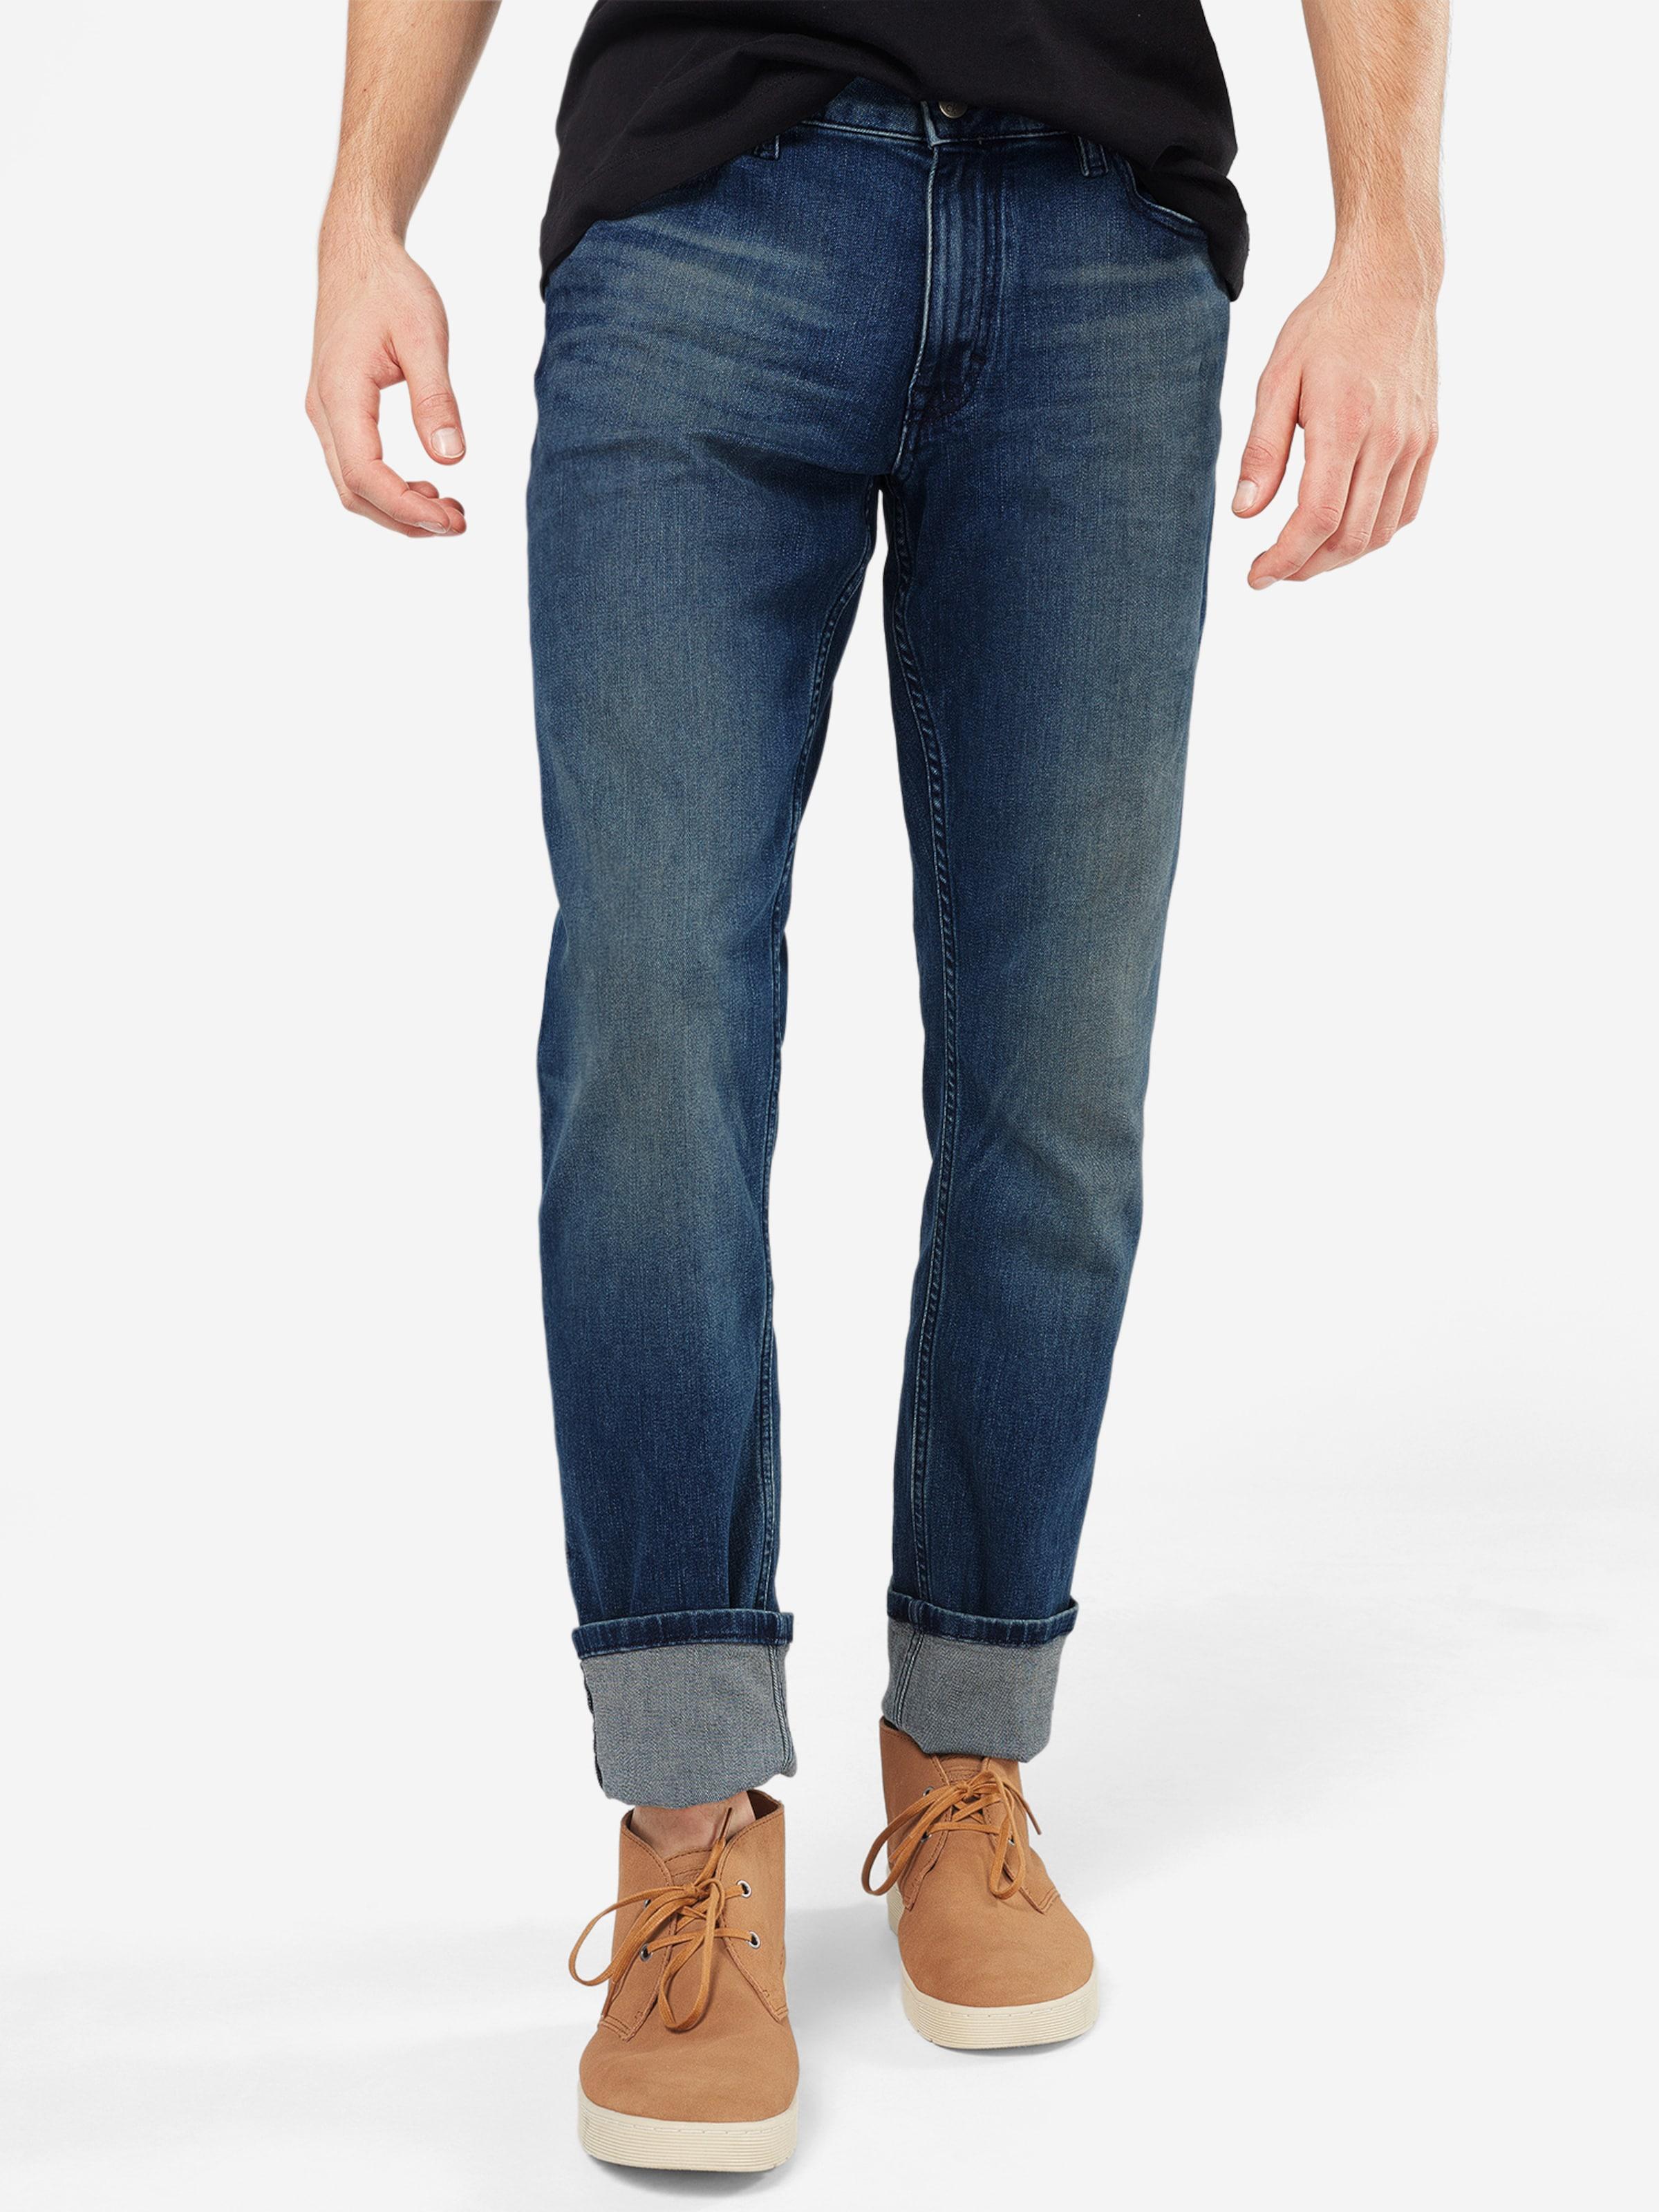 Calvin Klein Jeans Slim Fit Jeans Spielraum Limitierte Auflage Outlet Großer Rabatt Authentisch Günstiger Preis Spielraum Lohn Mit Paypal C8wYsW1Ts